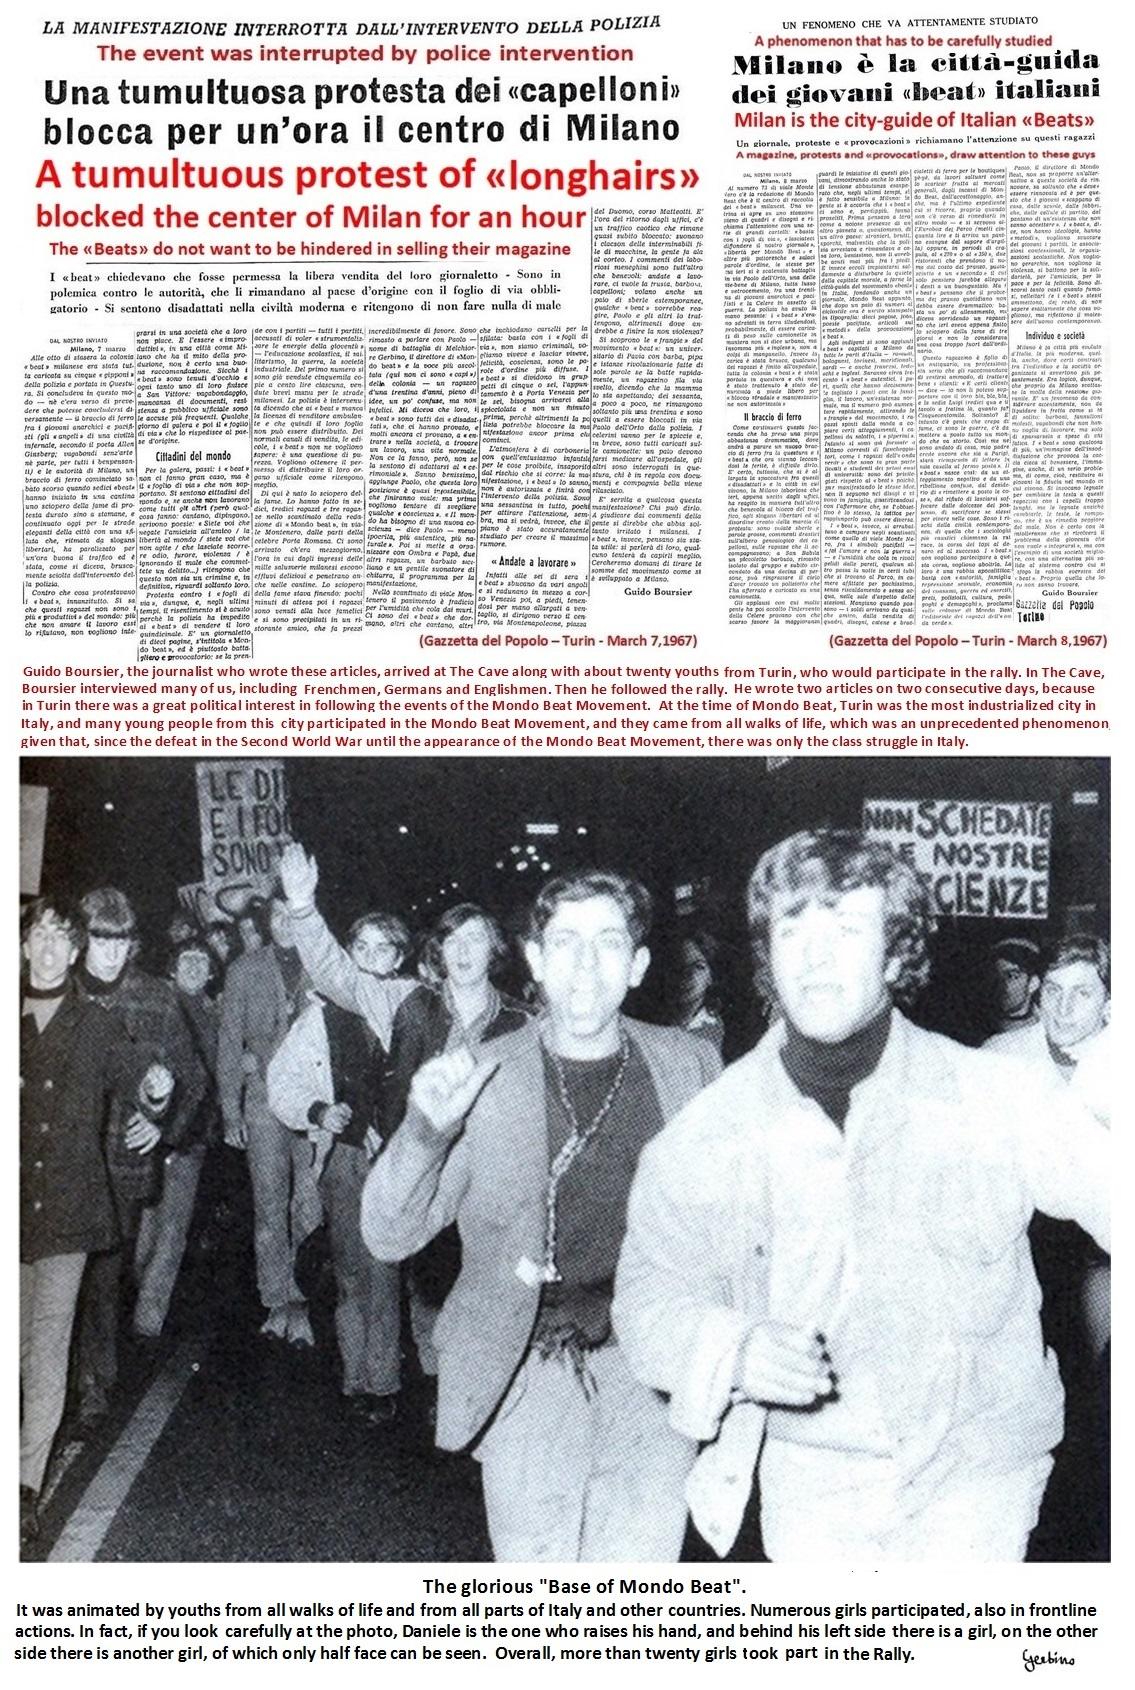 Two articles by Guido Boursier, of the Gazzetta del Popolo, Turin